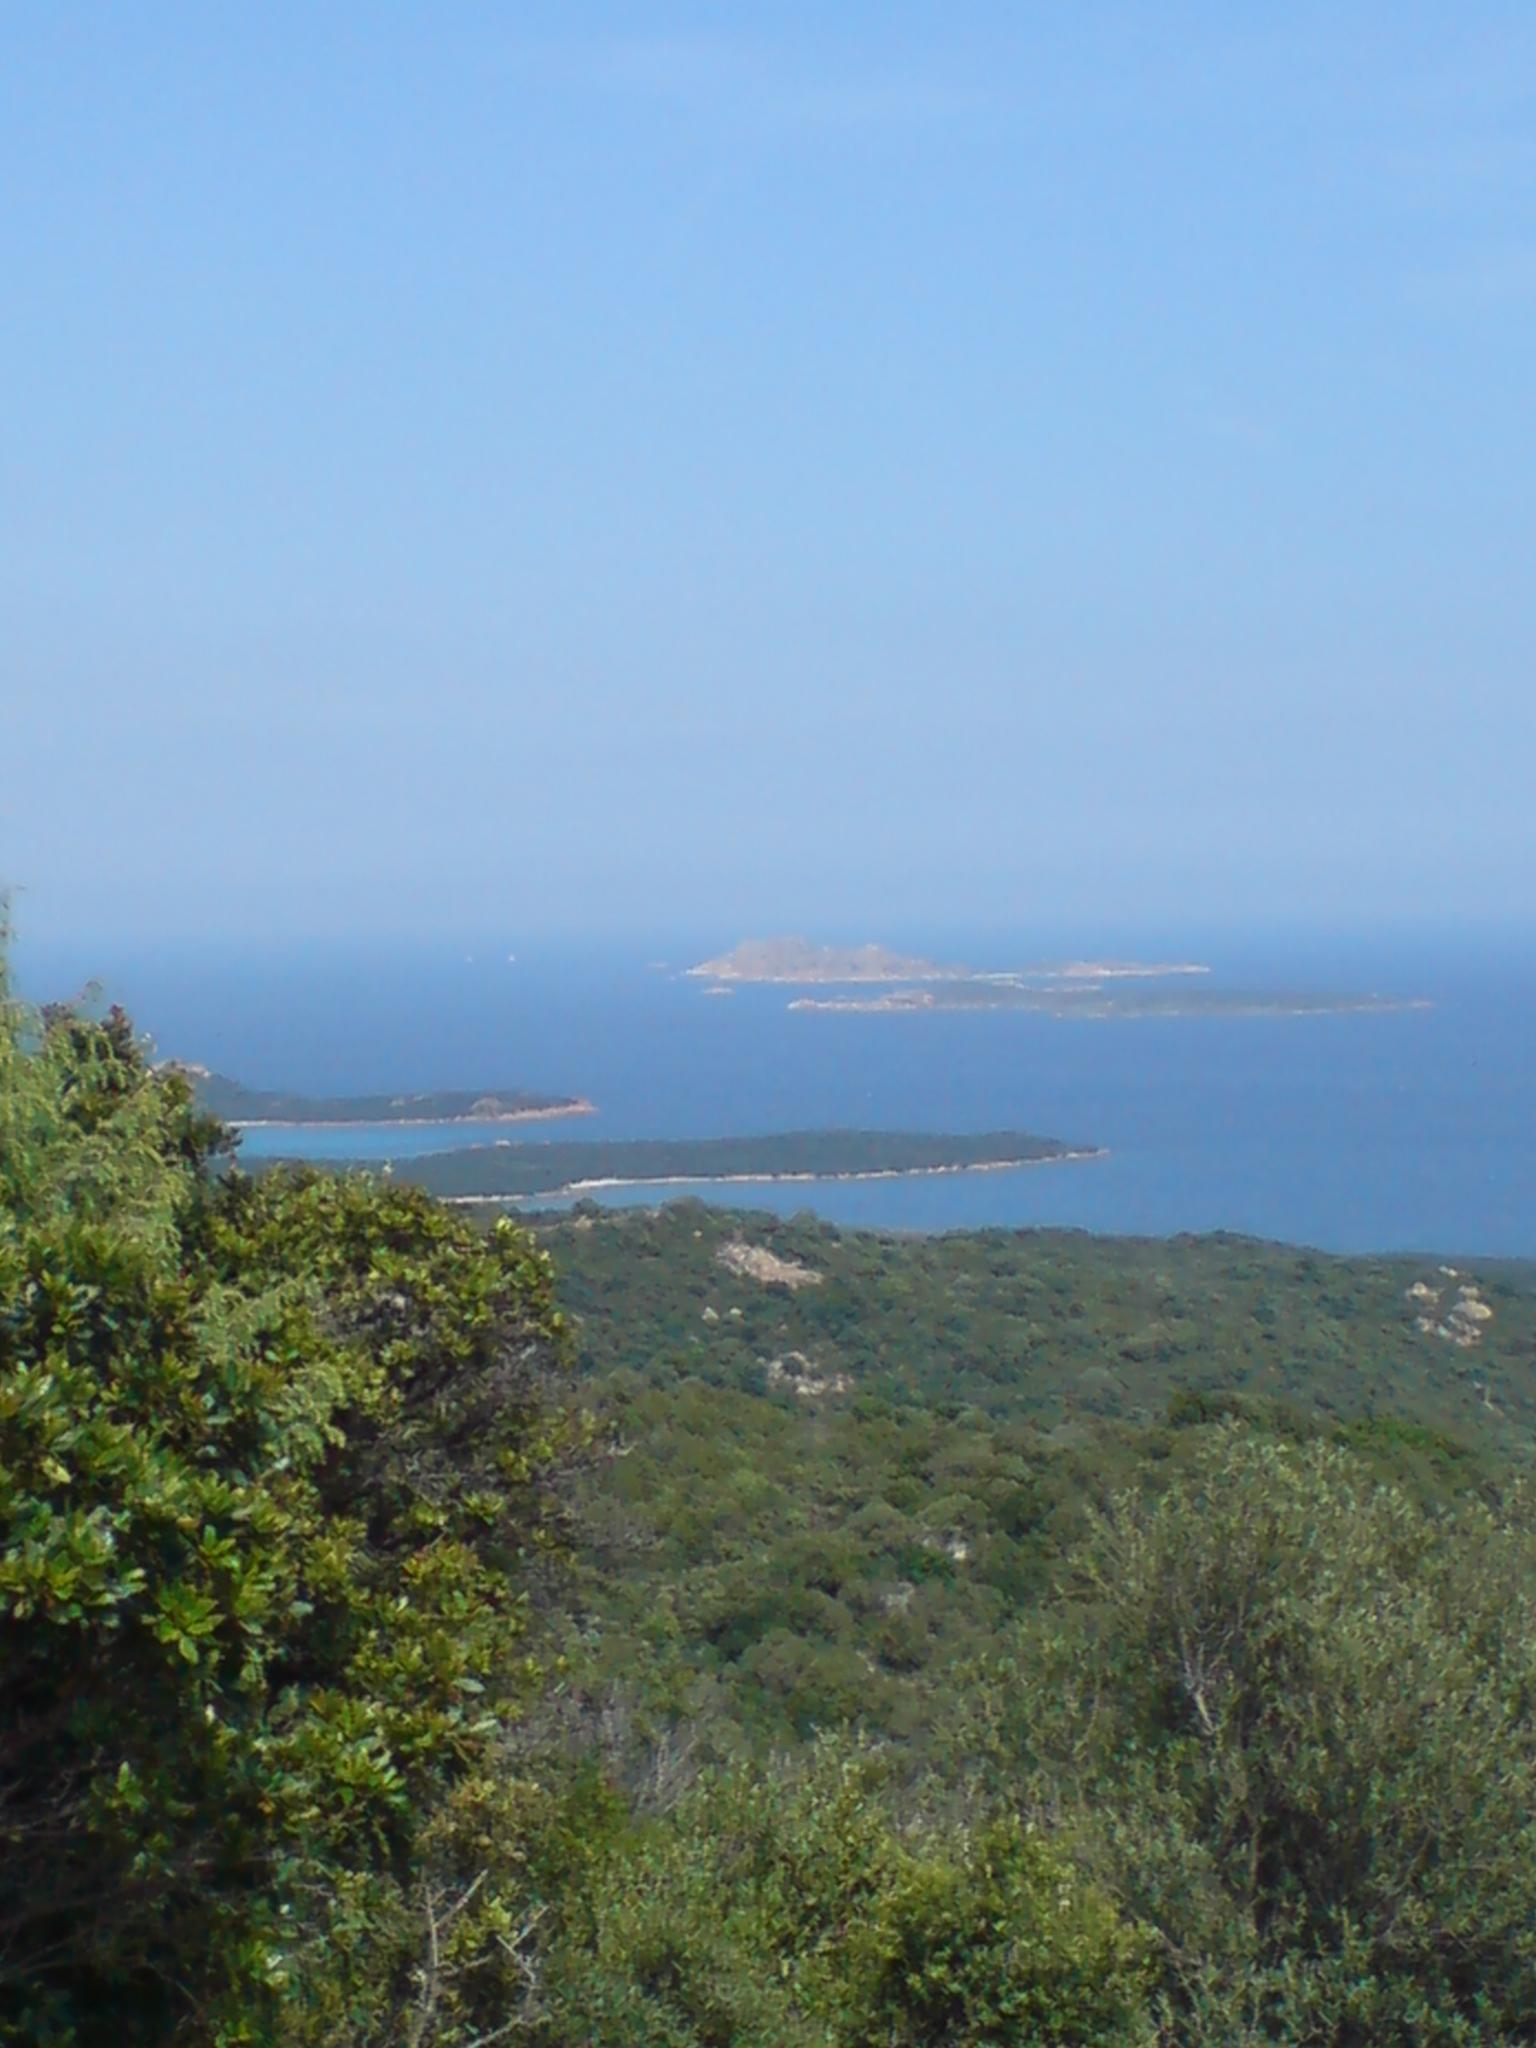 Blick auf die Inseln Mortorio und Nibani